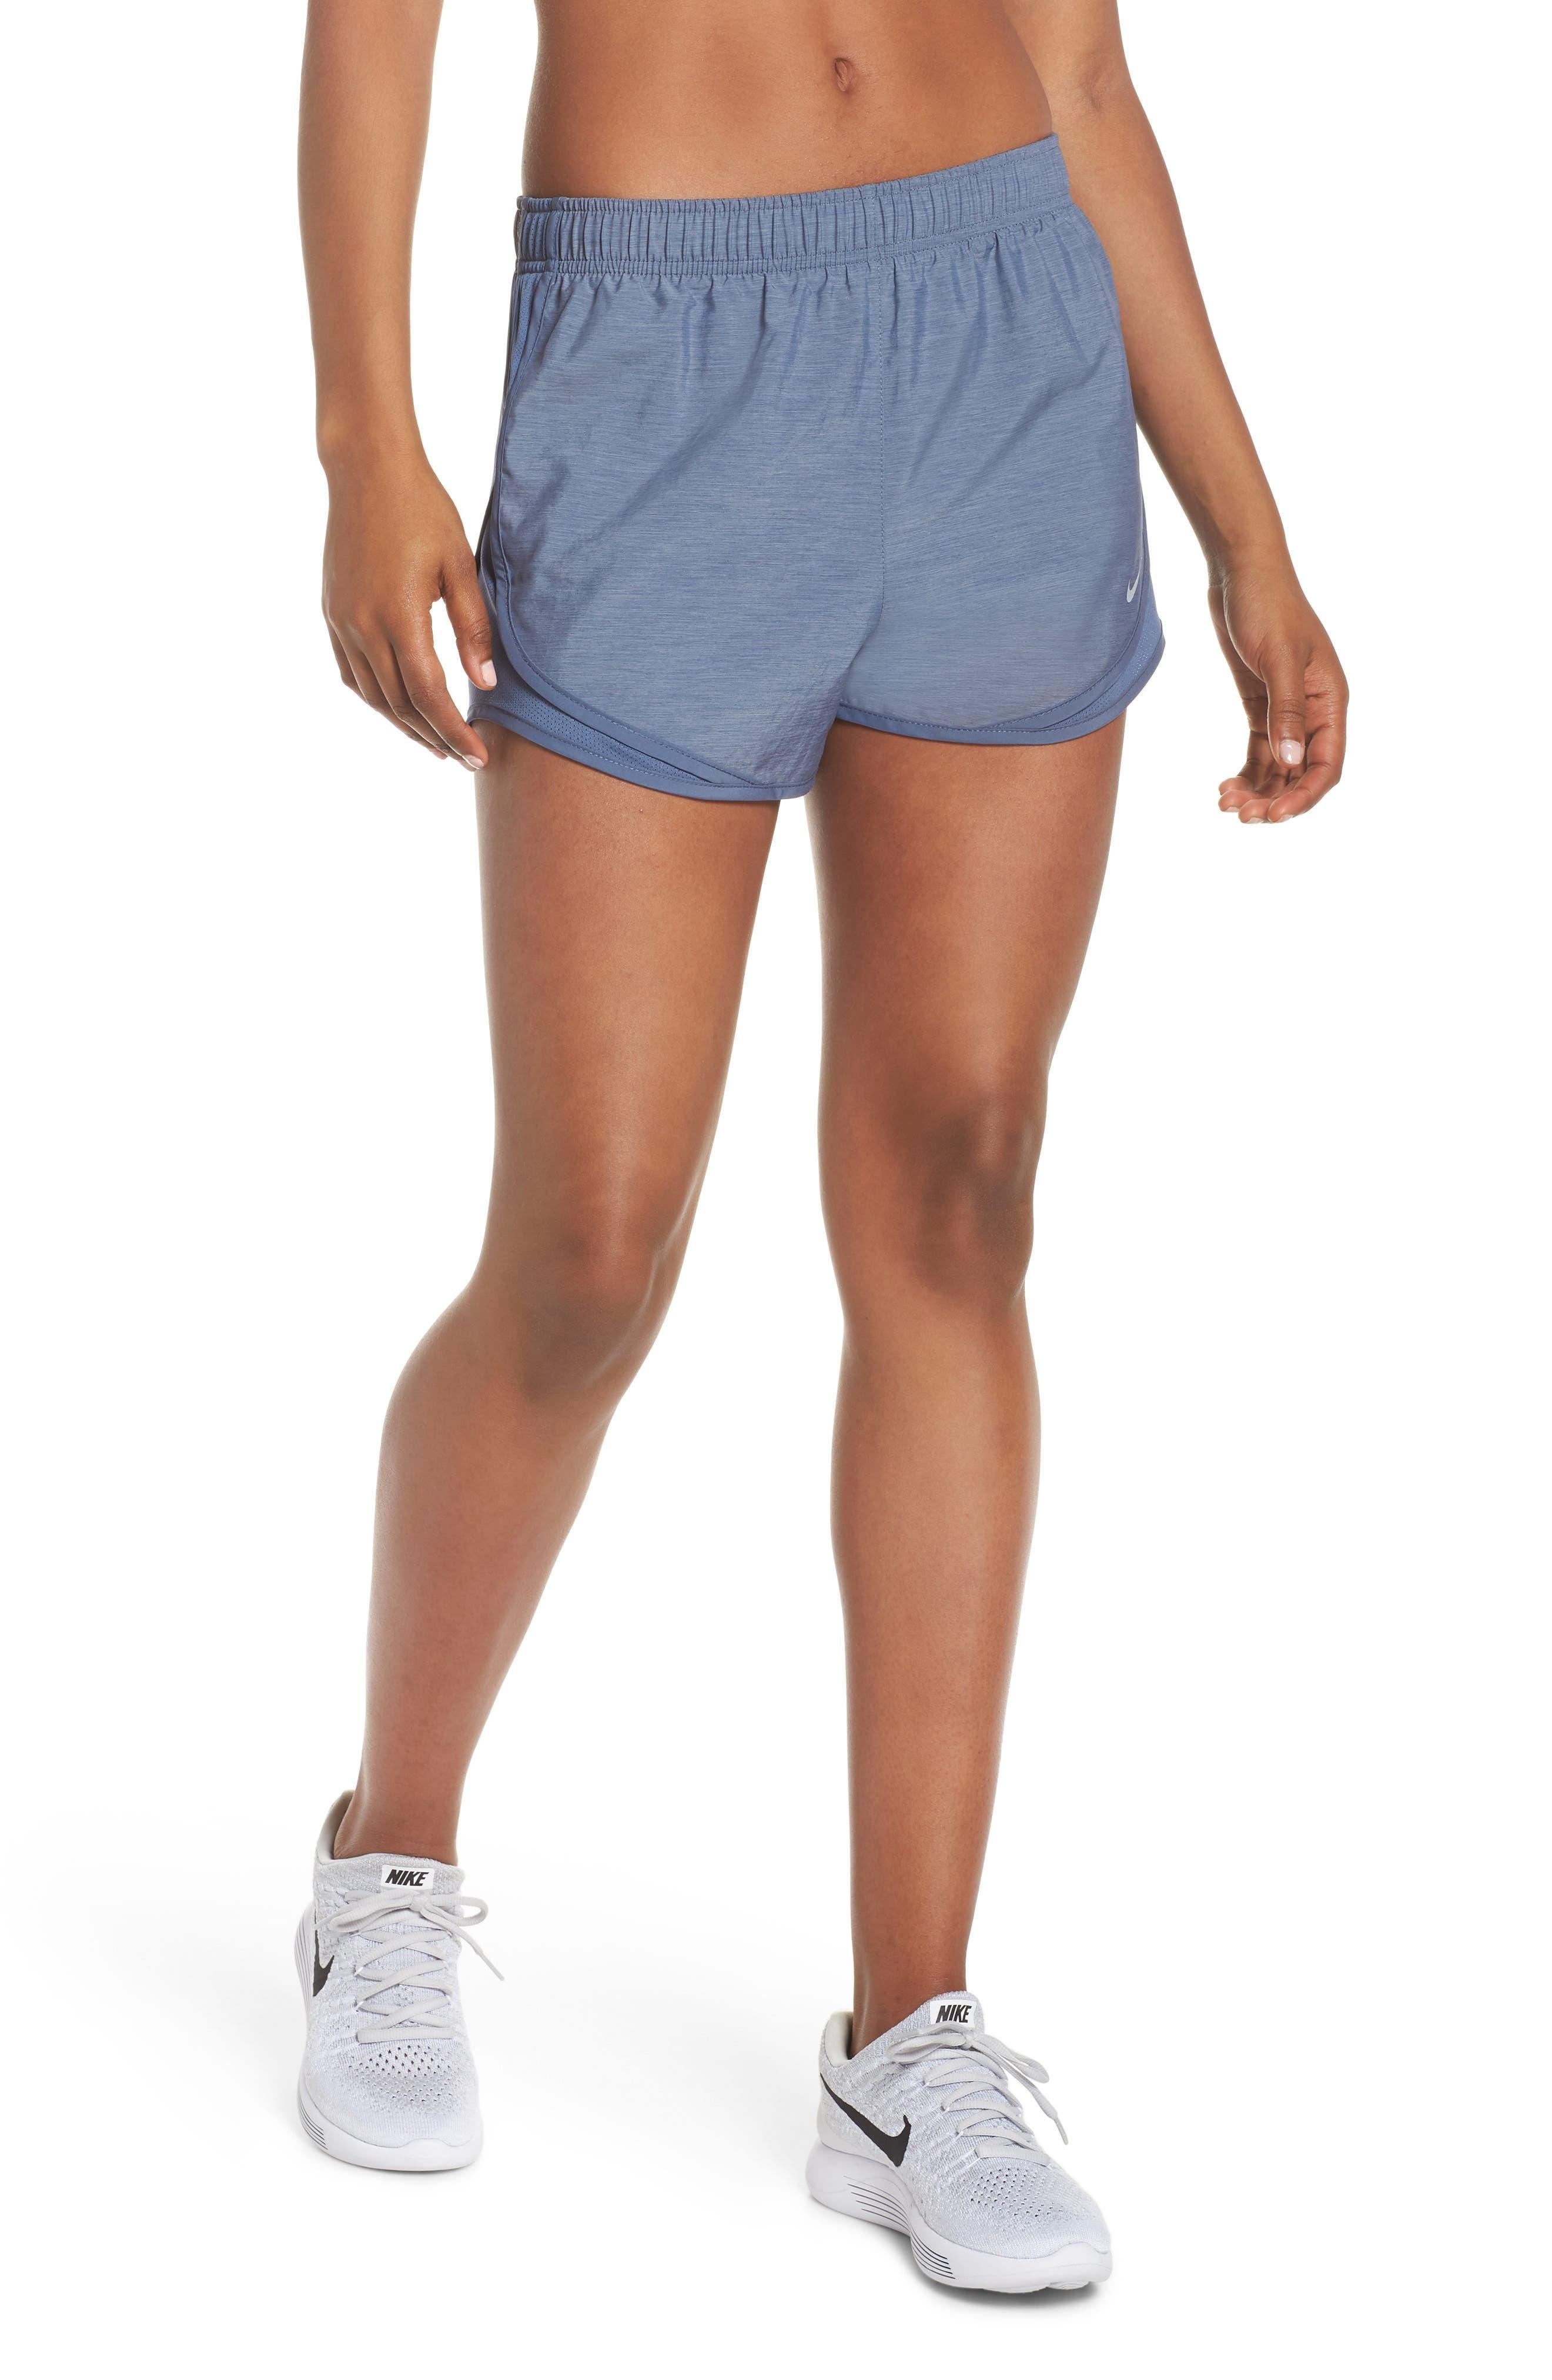 seleccione para el más nuevo nuevo estilo Zapatillas 2018 Nike Womens Shorts Amazon - Nils Stucki Kieferorthopäde